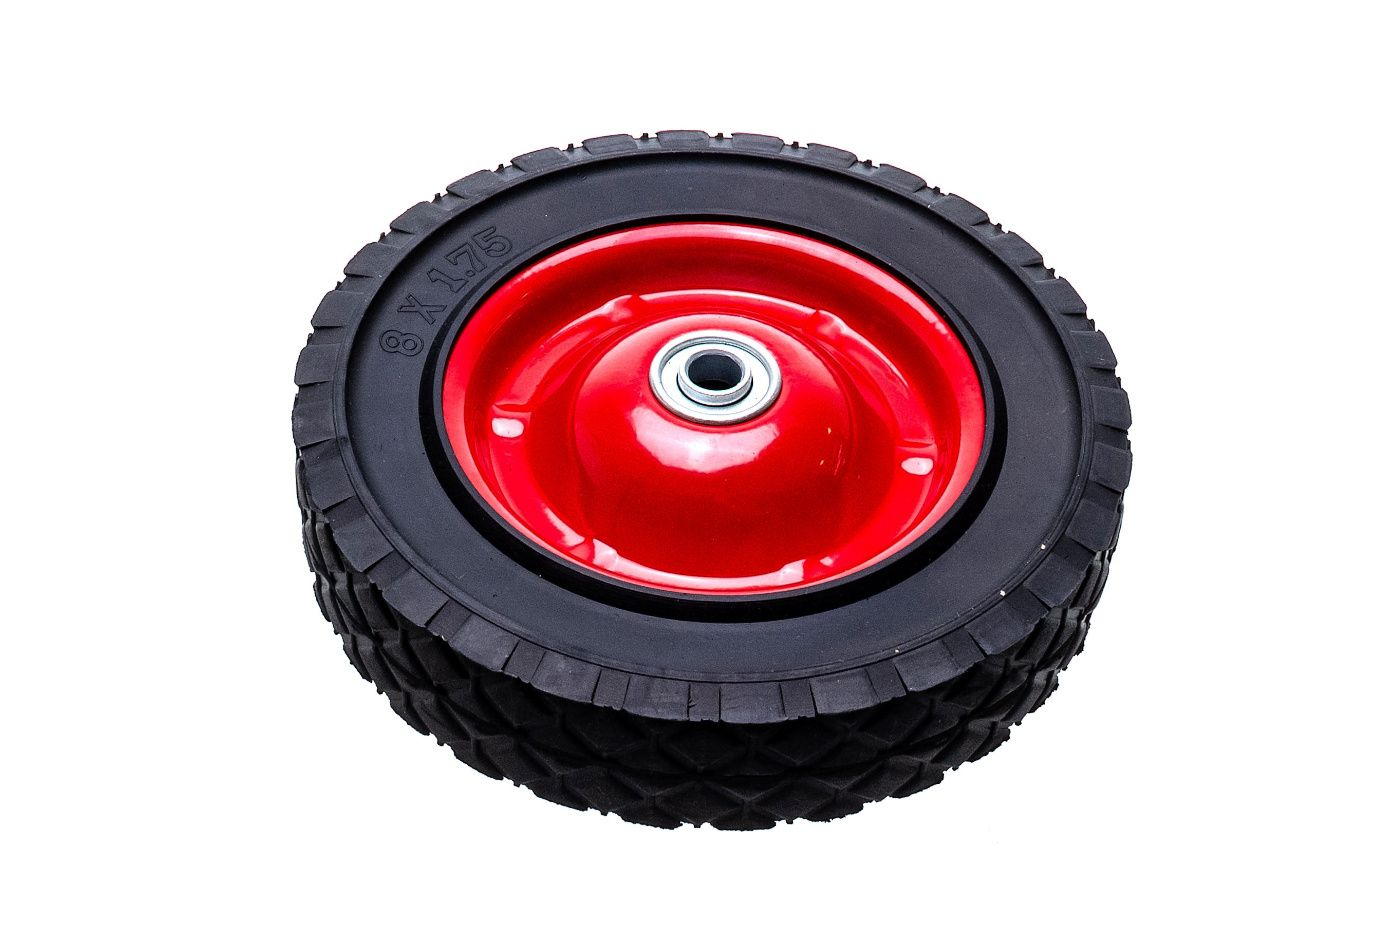 Univerzálne koleso 200mm - kovové ložisko, gumená pneumatika